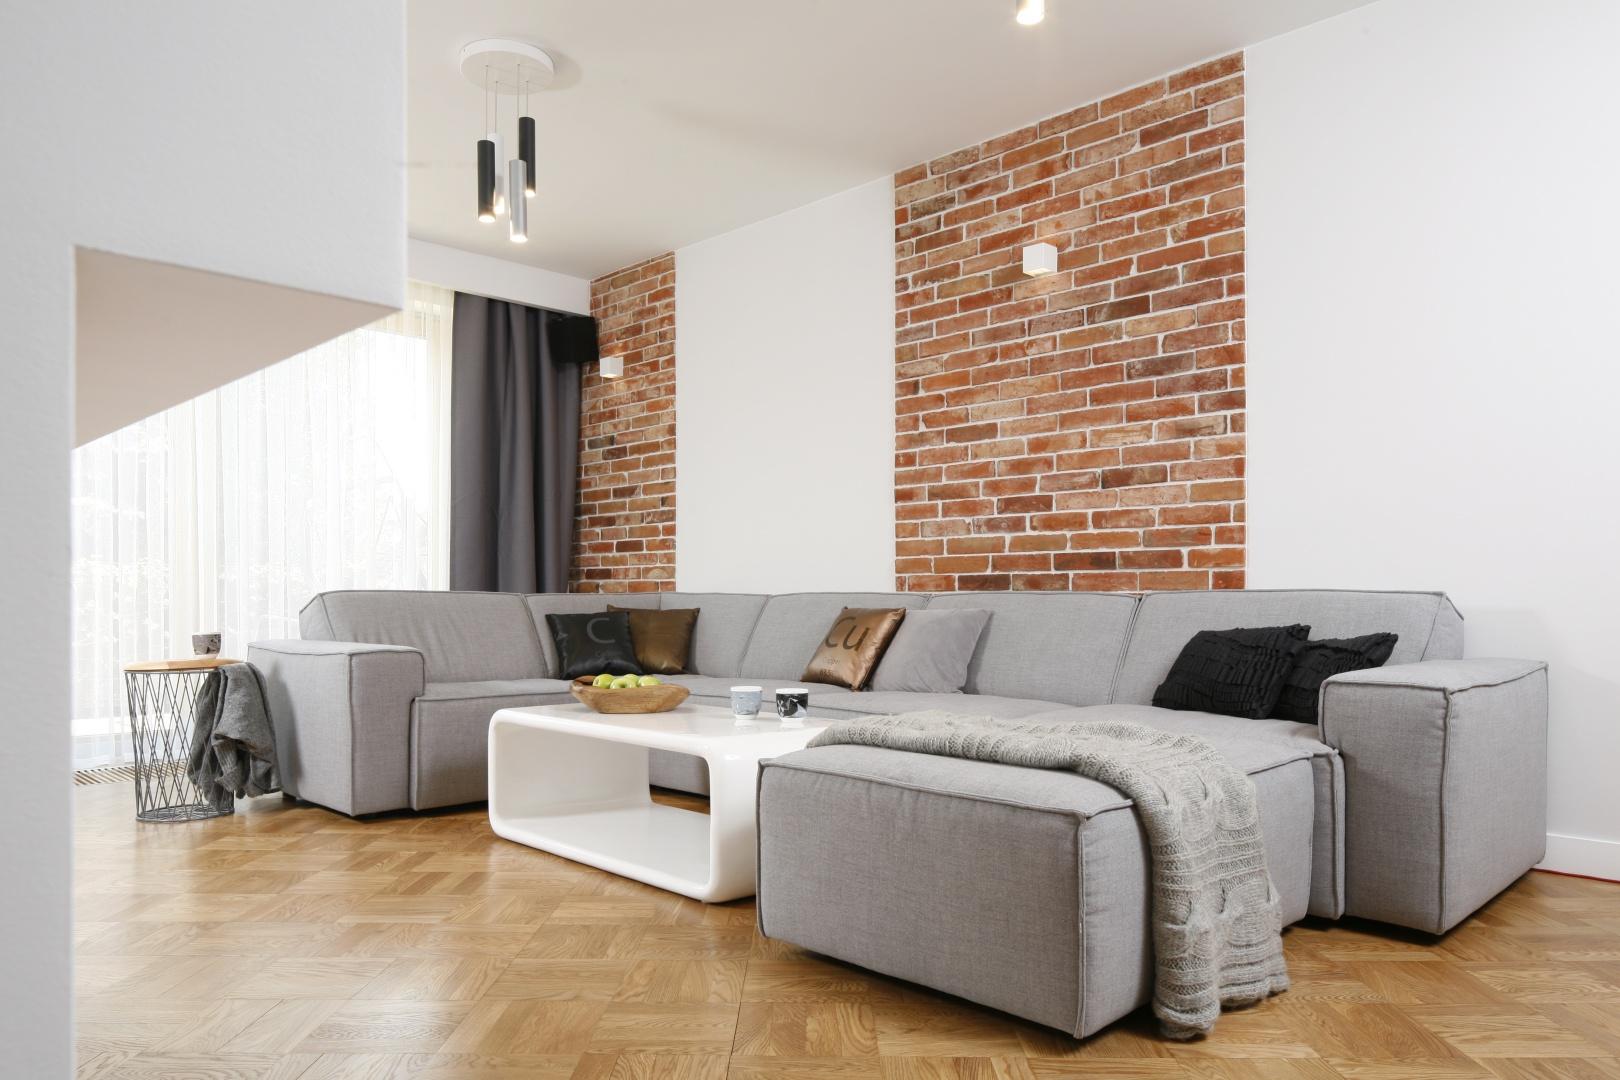 Szara kanapa narożna świetne prezentuje się  na tle ceglanej ściany w salonie urządzony w klimacie lot. Projekt: Agat Piltz. Fot. Bartosz Jarosz